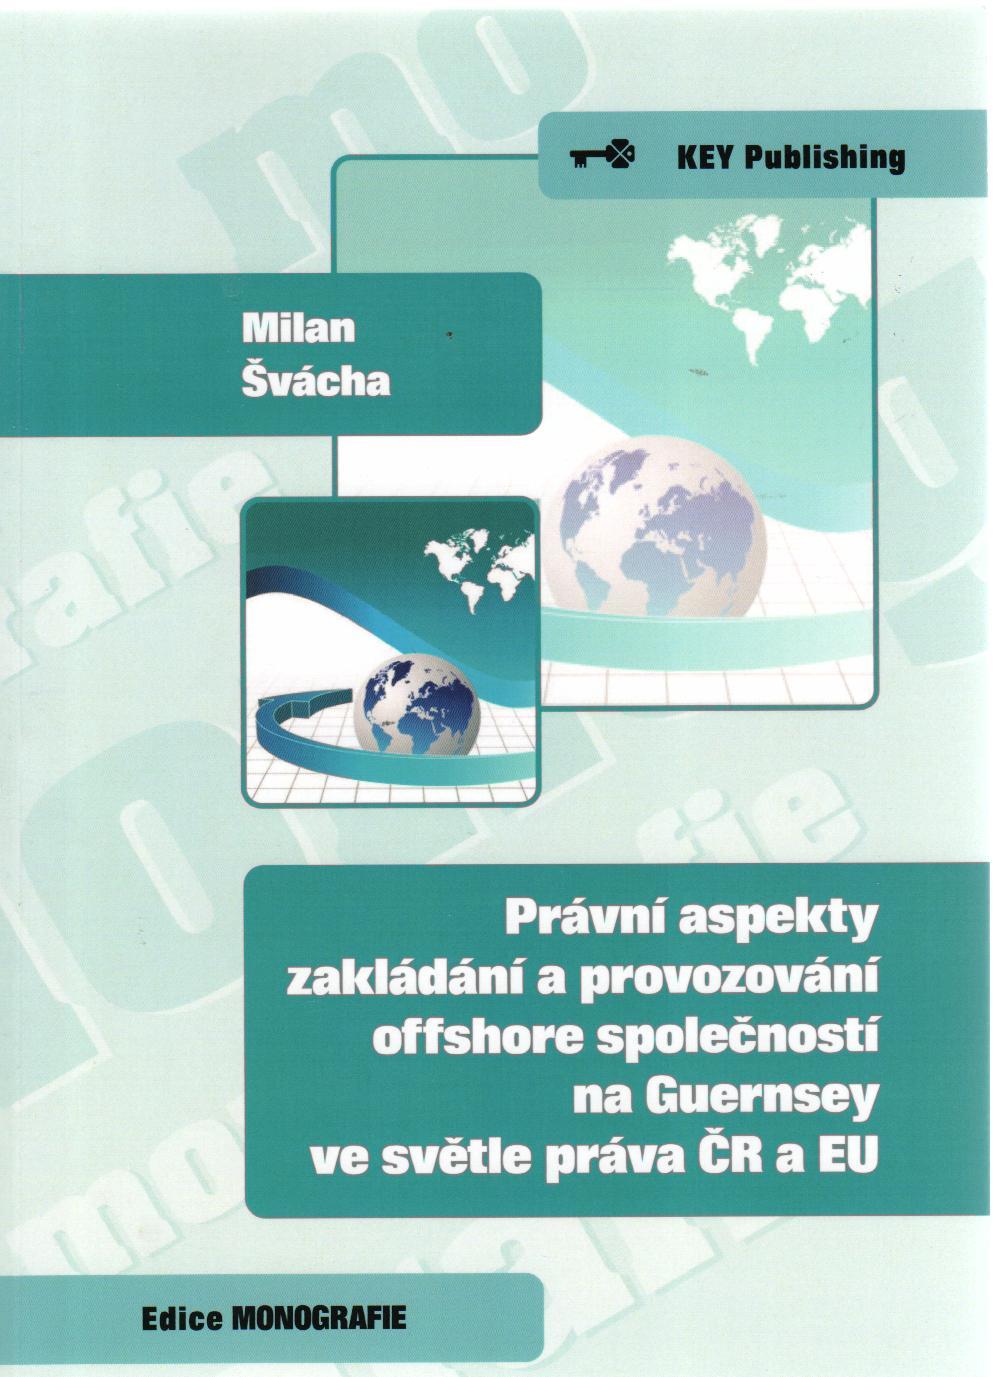 Právní aspekty zakládání a provozování offshore společností na Guernsey ve světle práva ČR a EU